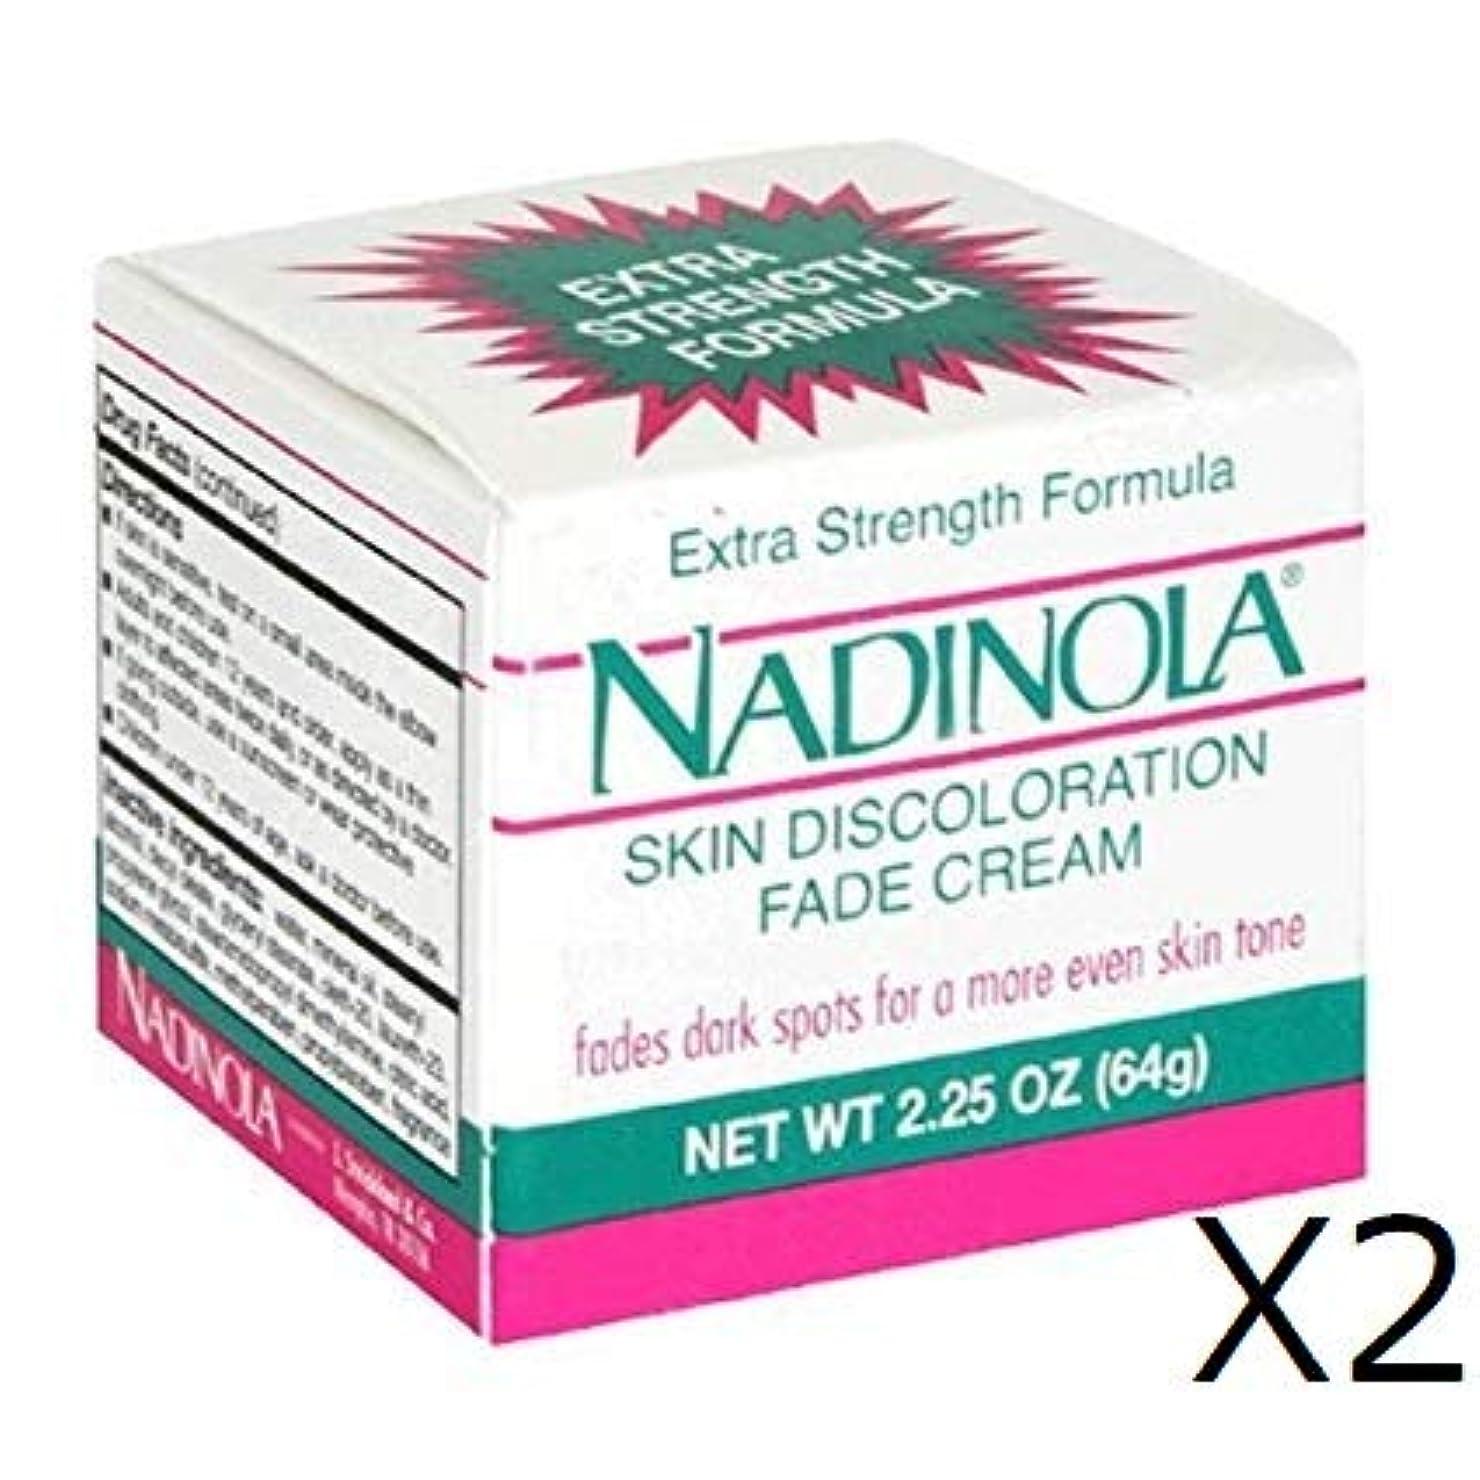 上げるアナニバー塊Nadinola Discoloration Fade Cream 2.25oz Extra Strength (64gX2個)